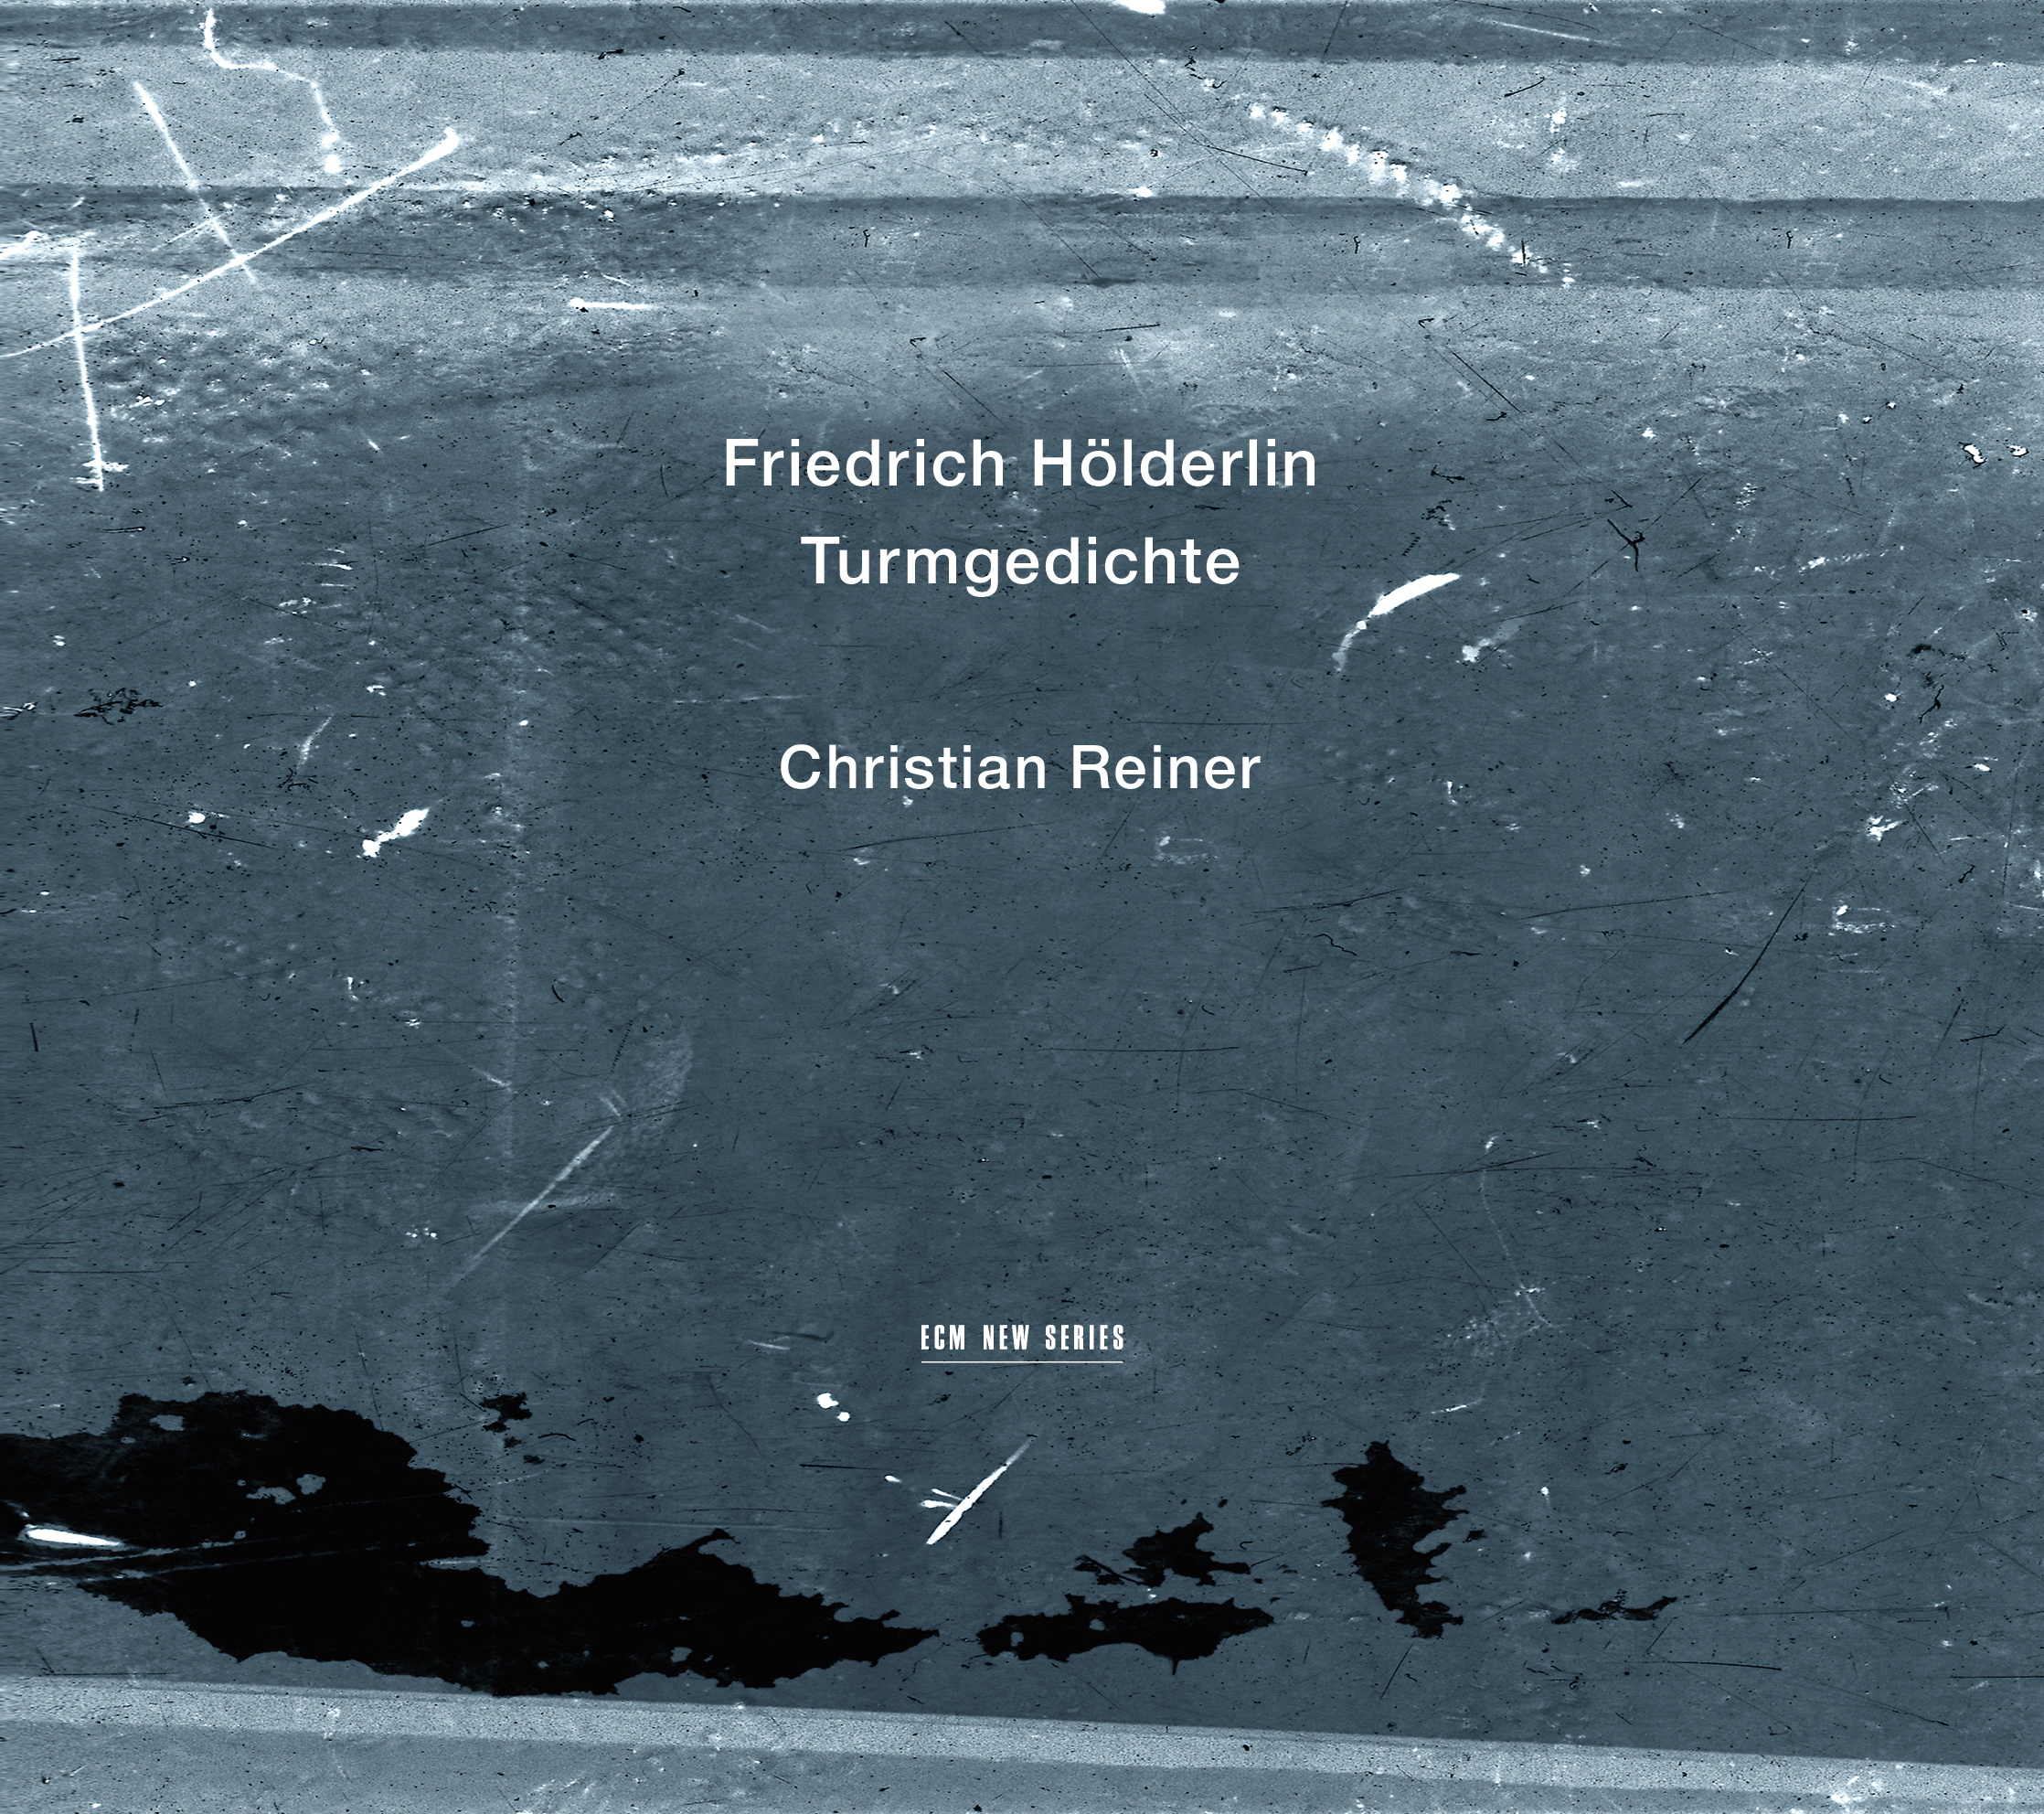 Friedrich H Lderlin Turmgedichte Ecm New Series 2285